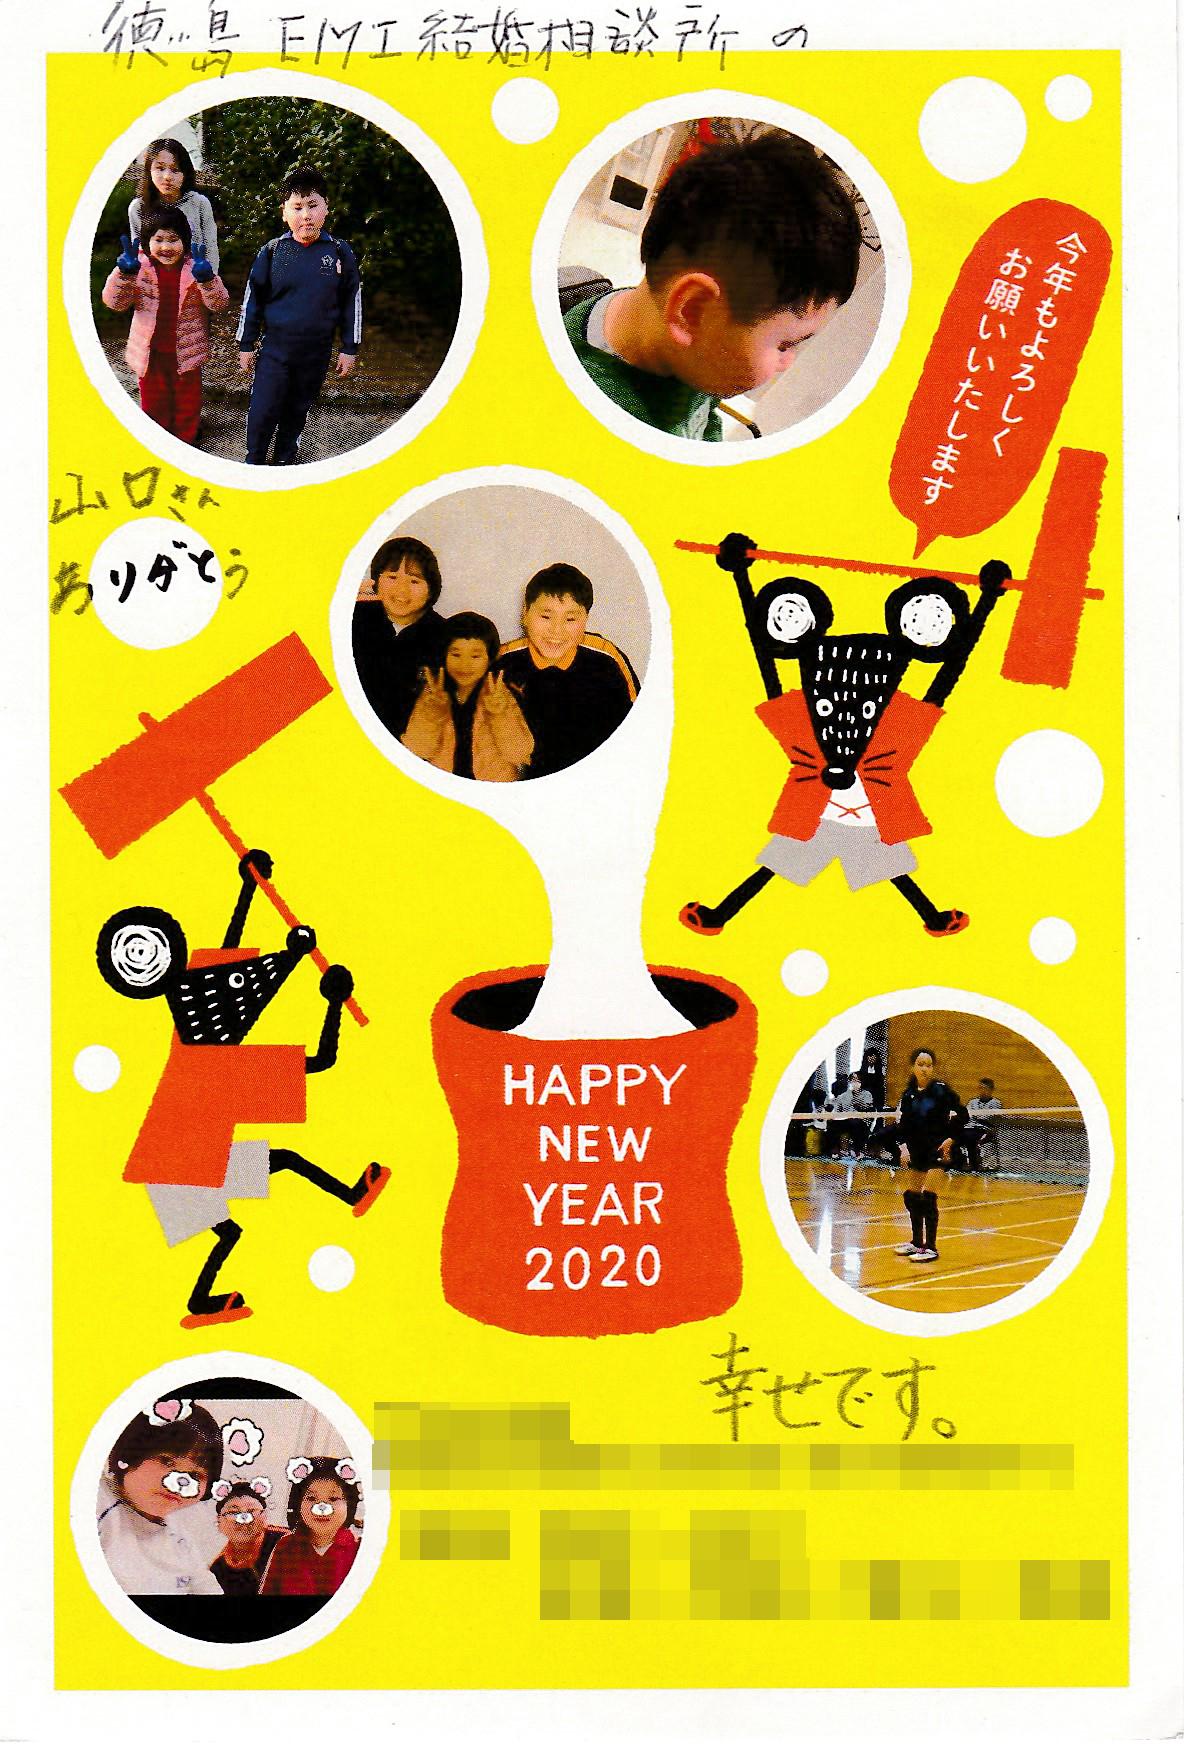 徳島のEMI(イーエムアイ)婚活結婚相談所様へ HAPPY NEW YEAR 2020